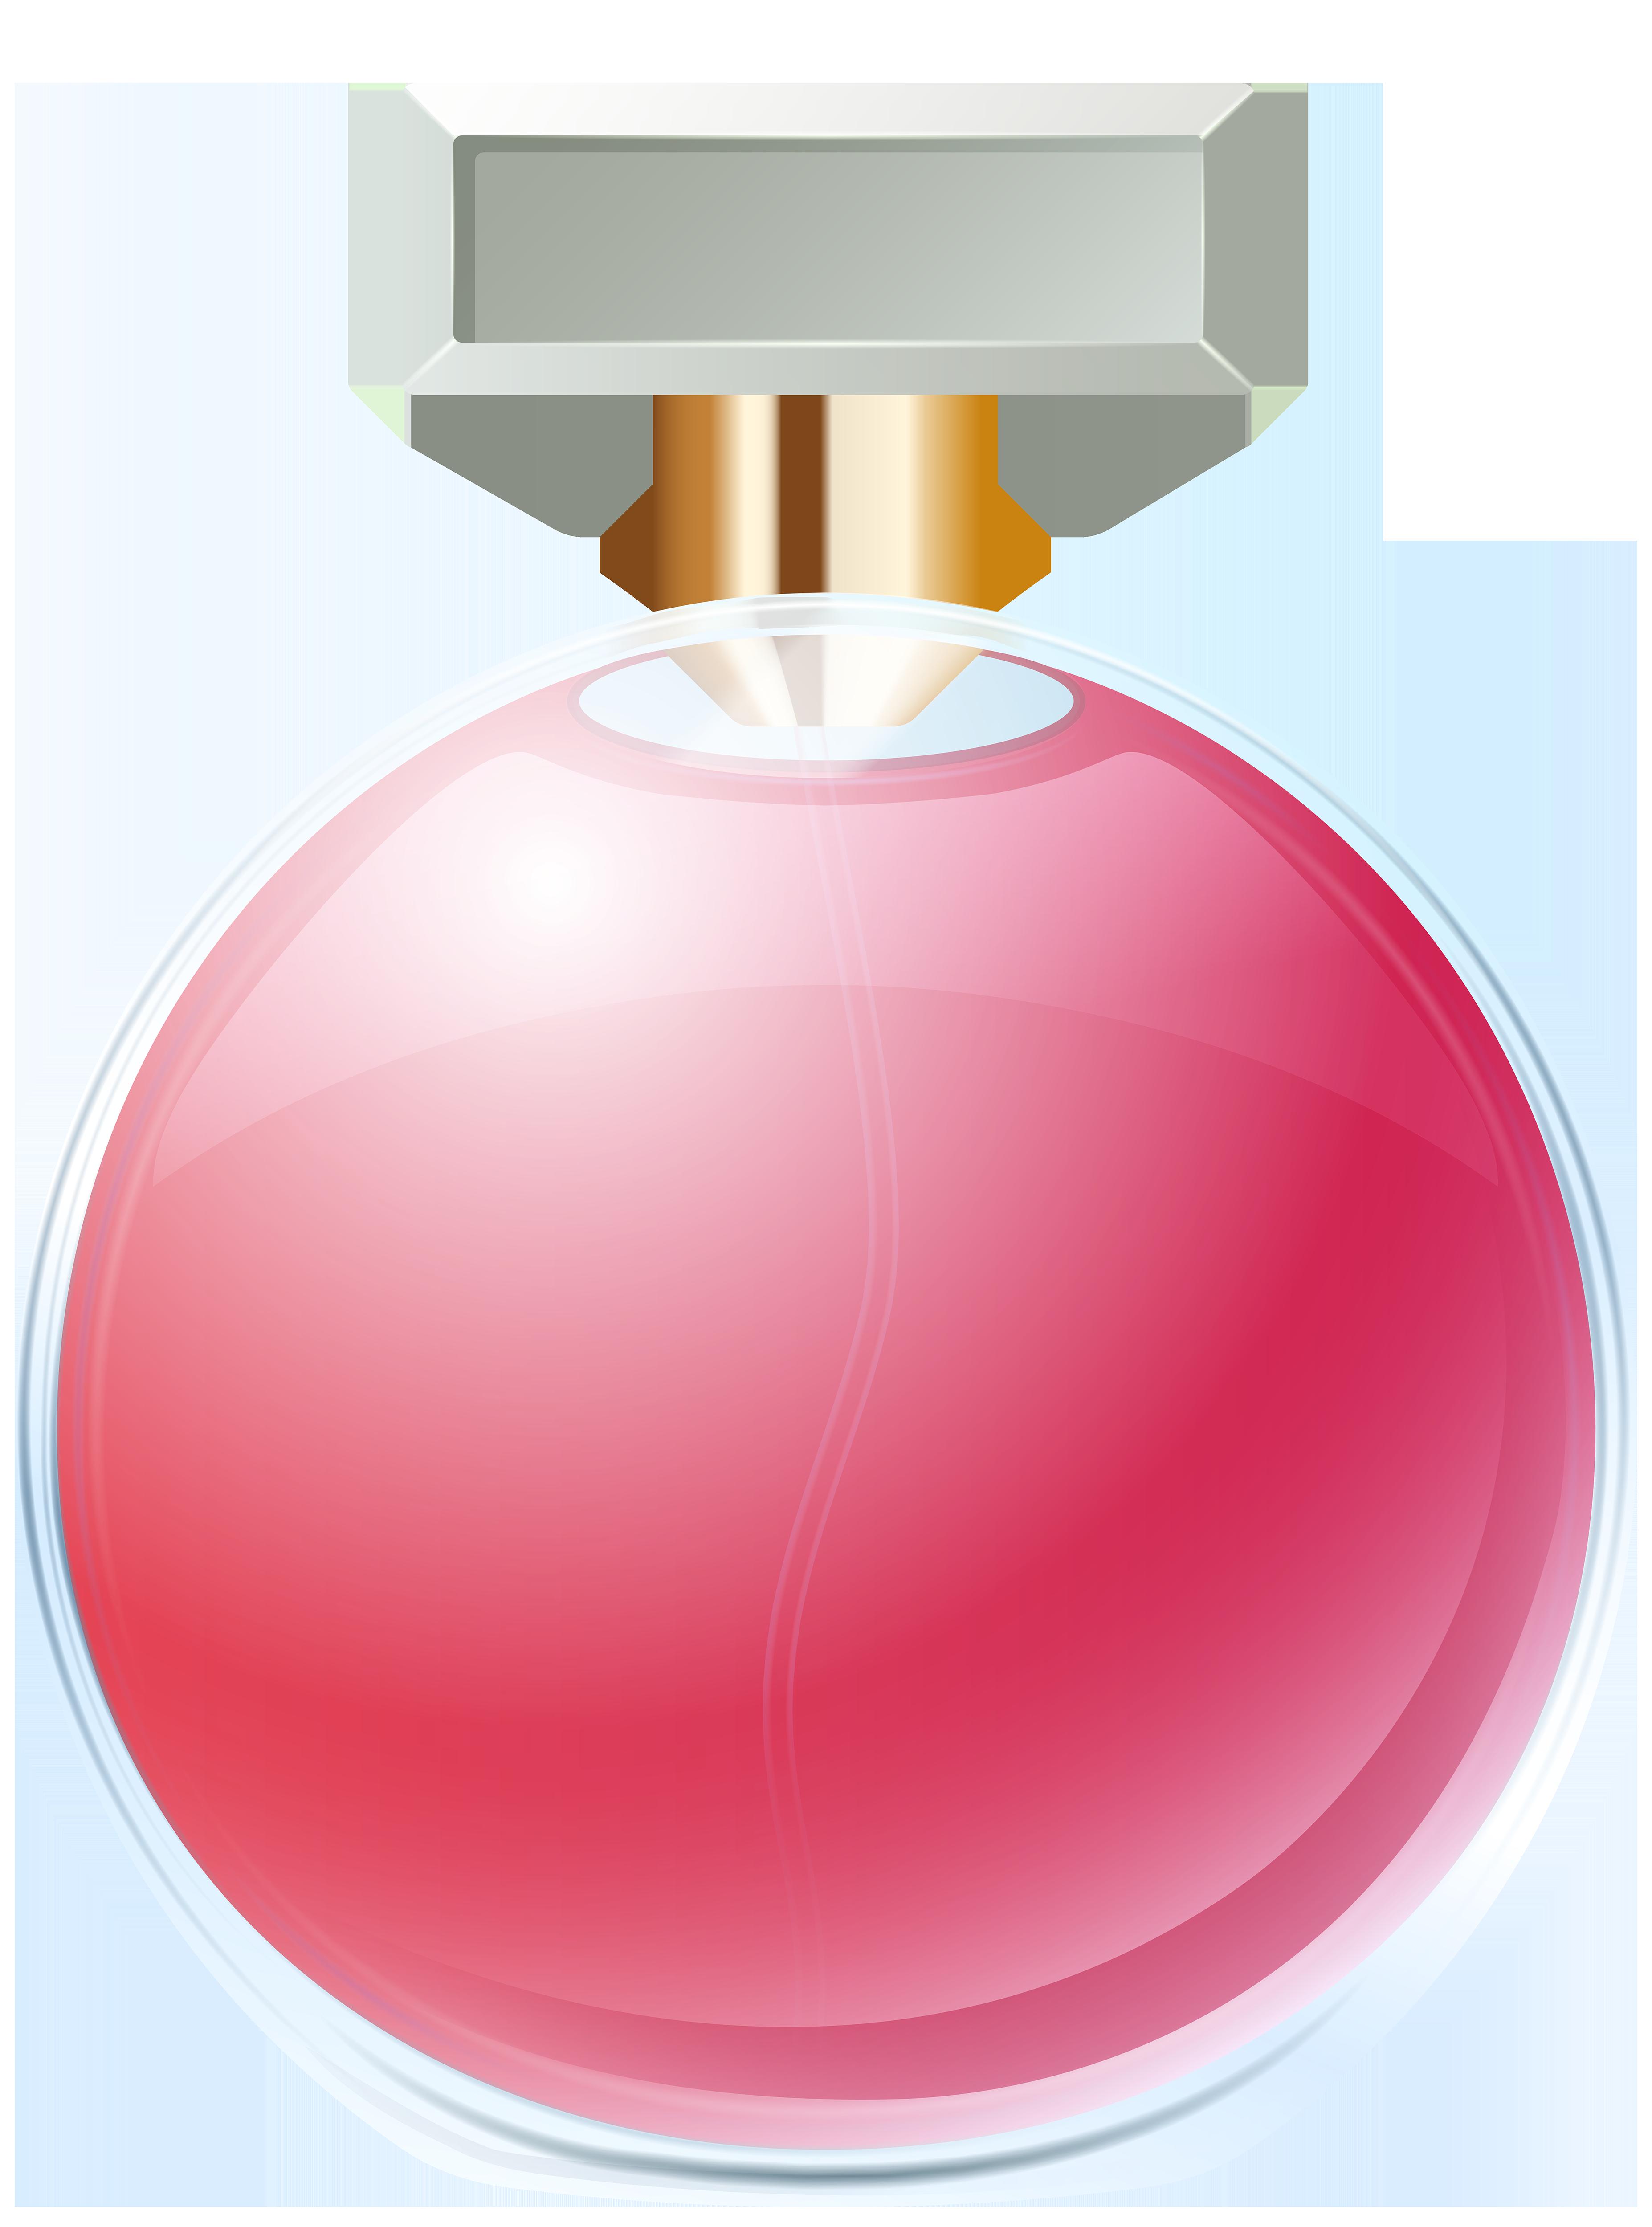 Perfume clipart. Bottle transparent png clip